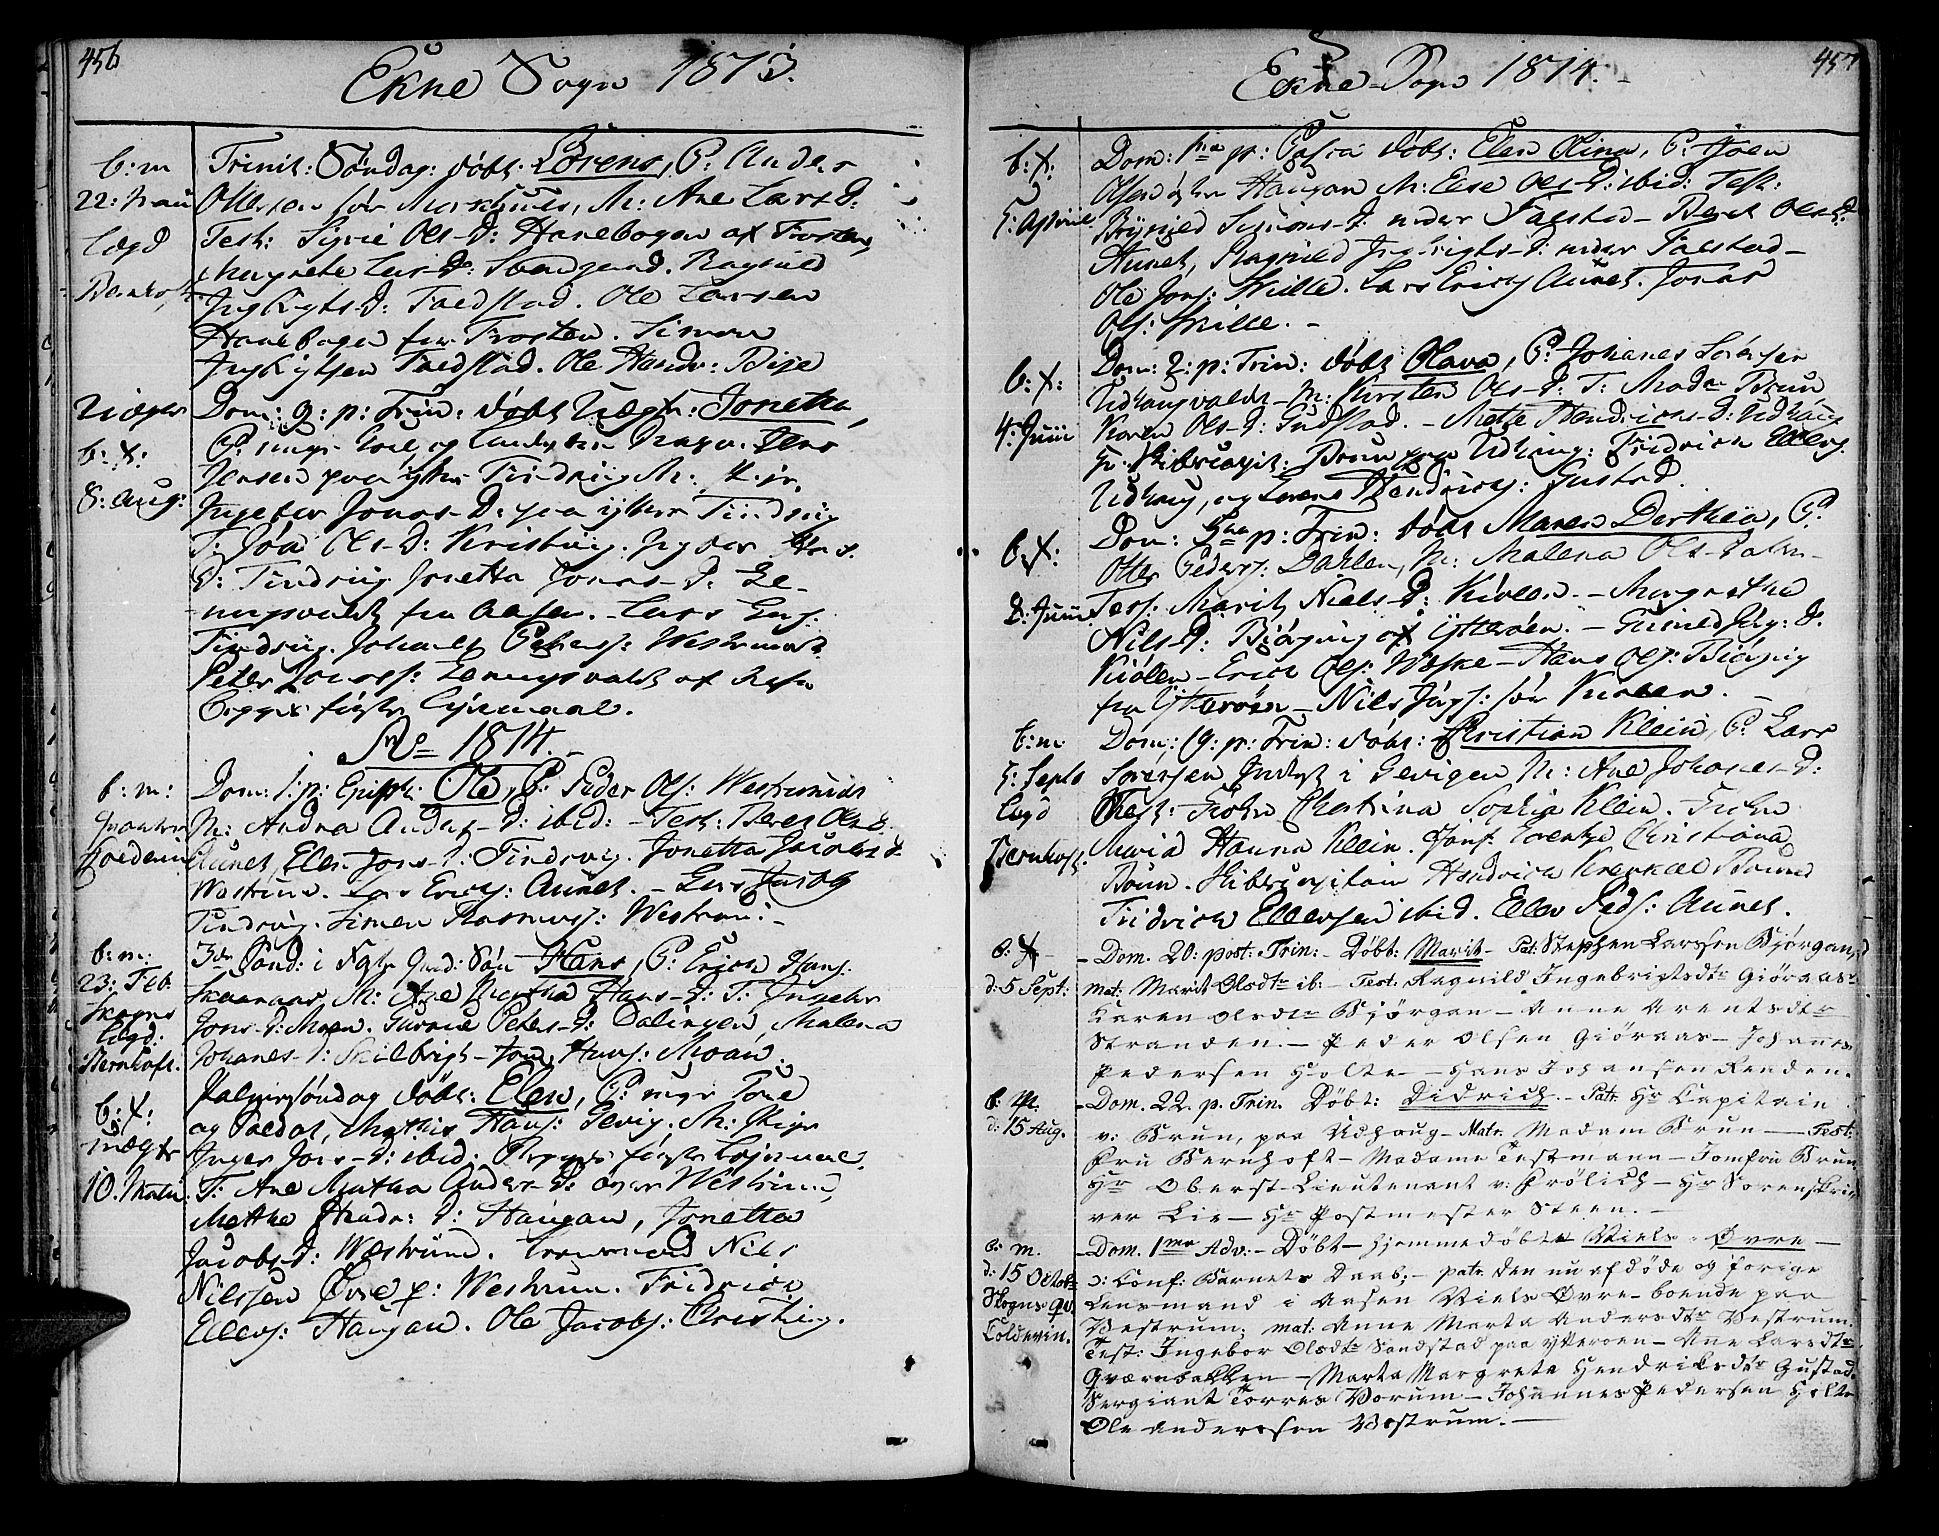 SAT, Ministerialprotokoller, klokkerbøker og fødselsregistre - Nord-Trøndelag, 717/L0145: Ministerialbok nr. 717A03 /2, 1810-1815, s. 456-457